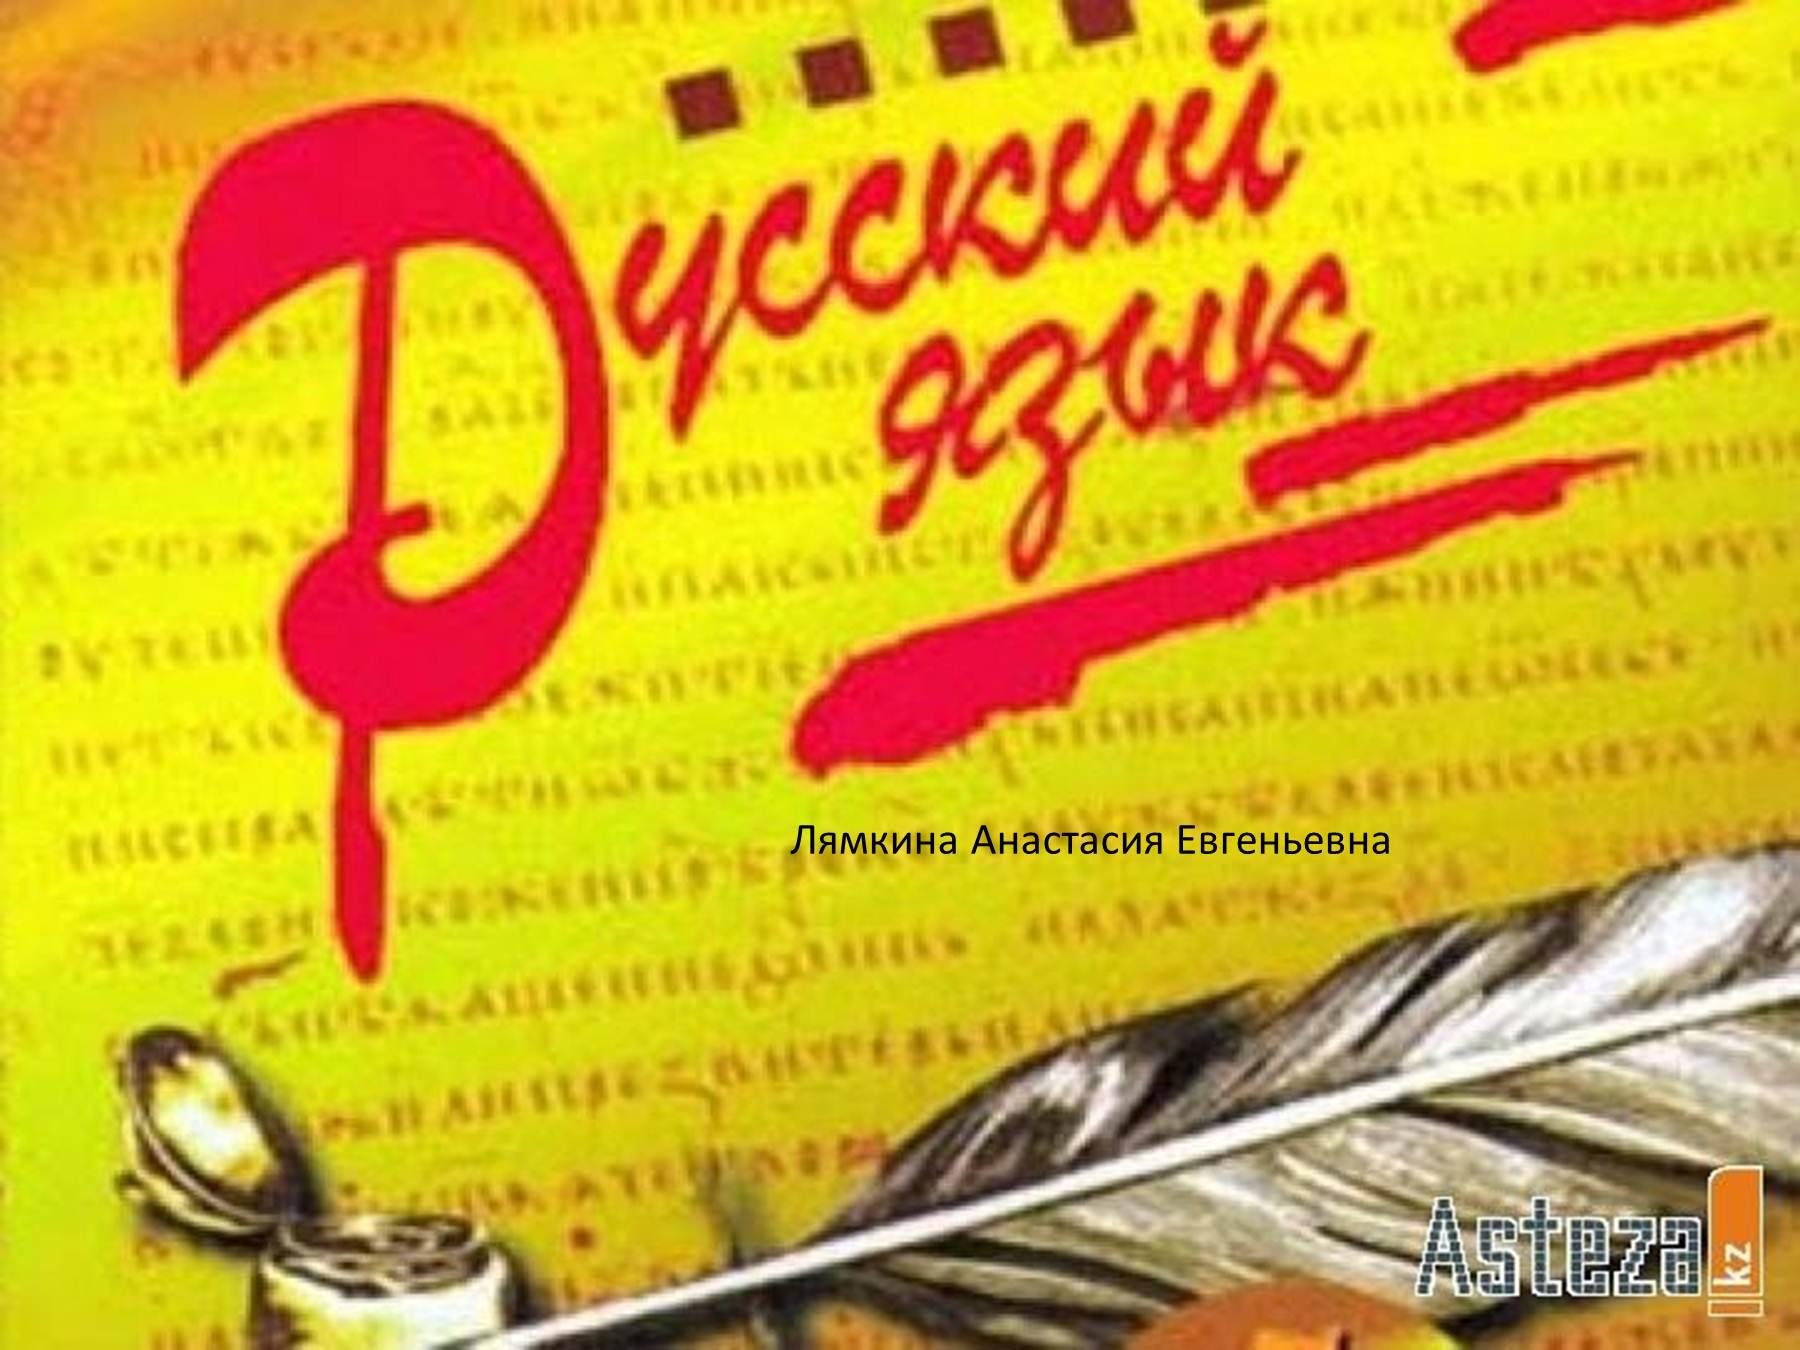 Русский язык википедия 6 фотография